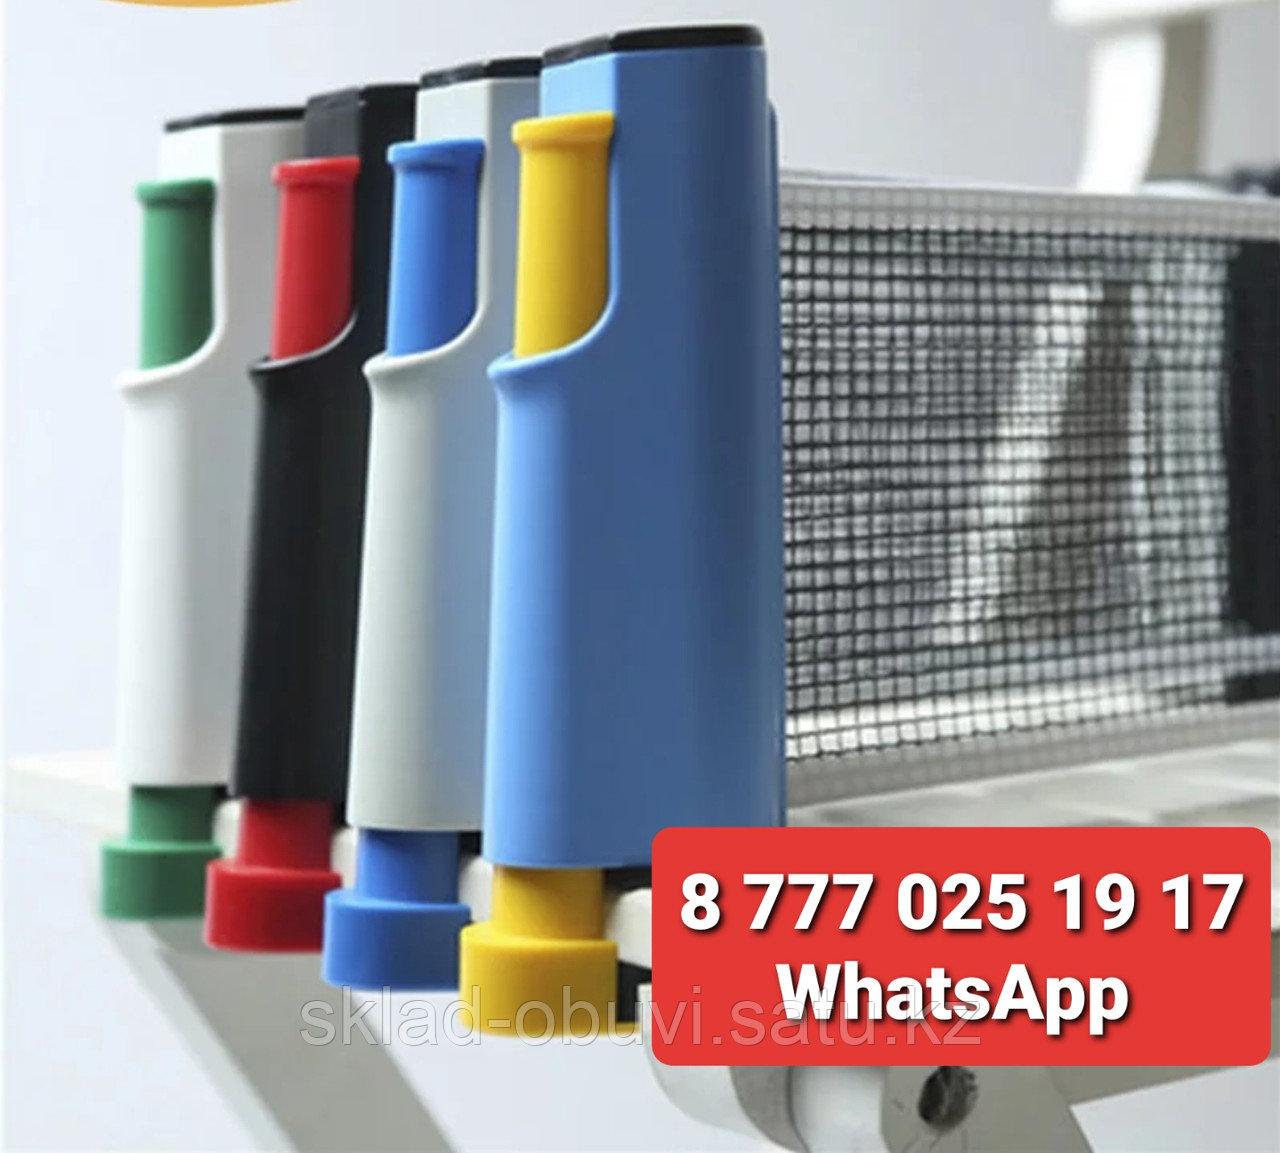 Сетки для настольного тенниса /пинг понга - фото 1